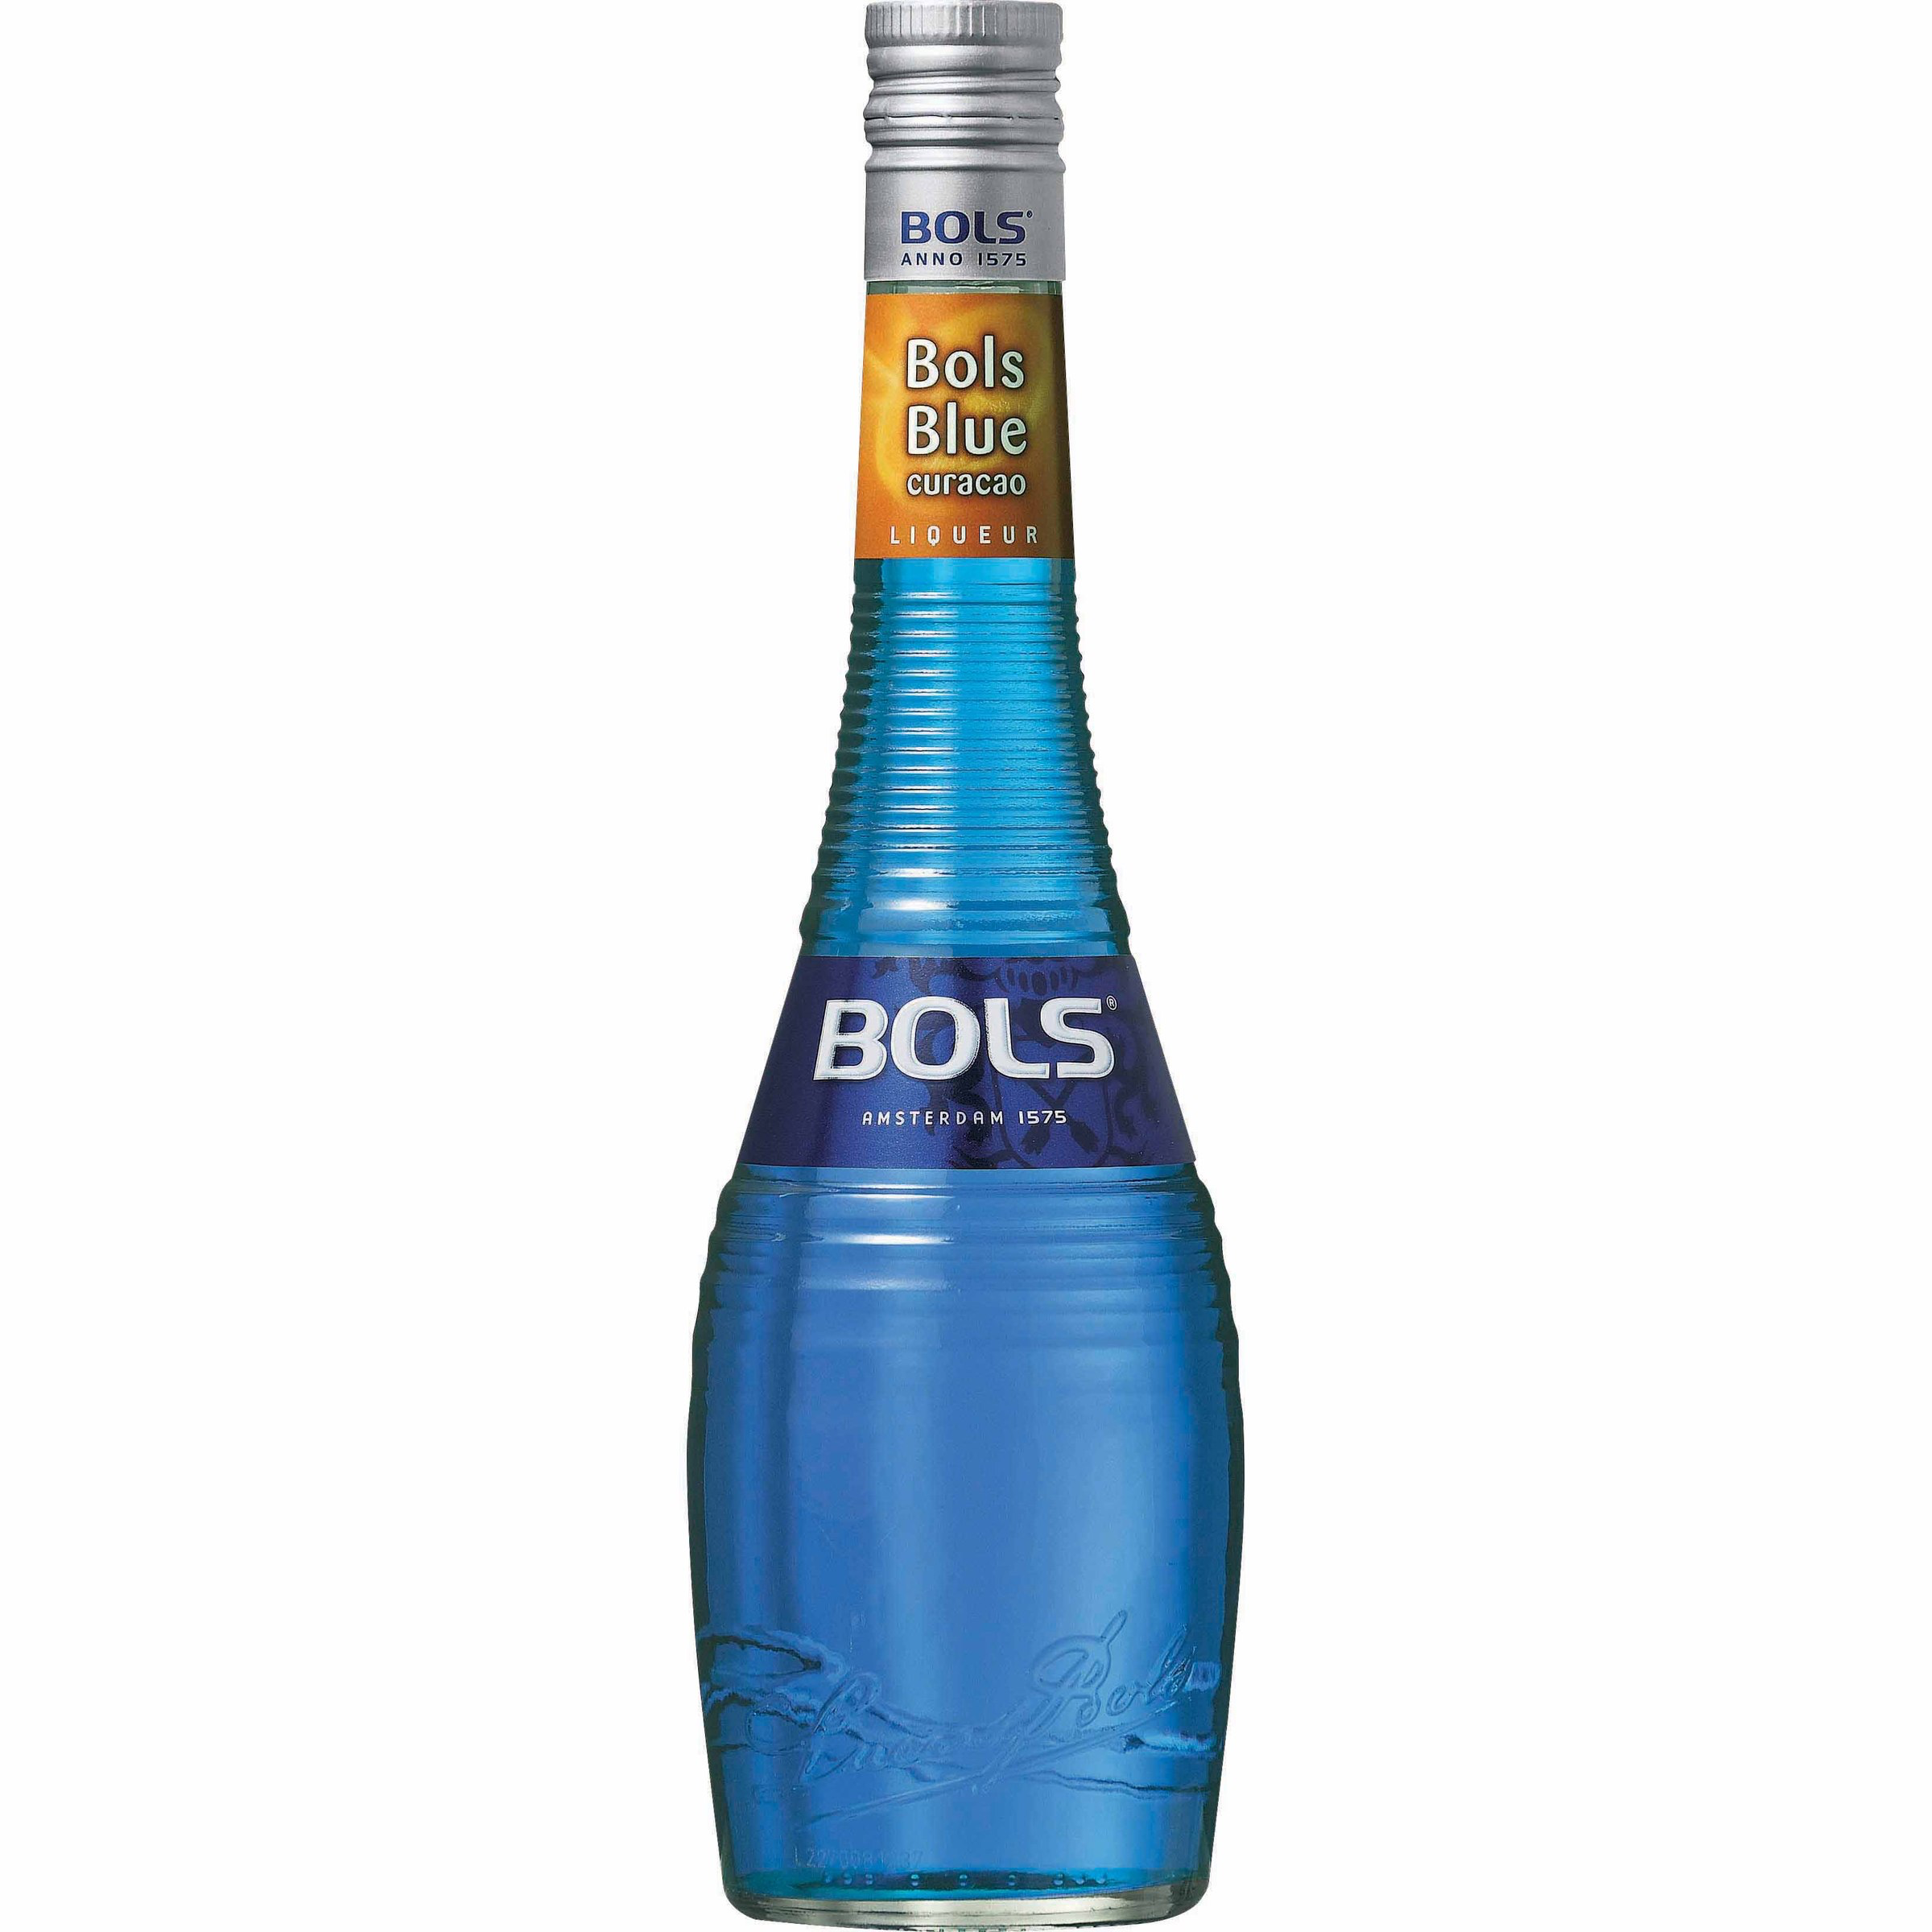 BOLS BLUE LIQUEUR